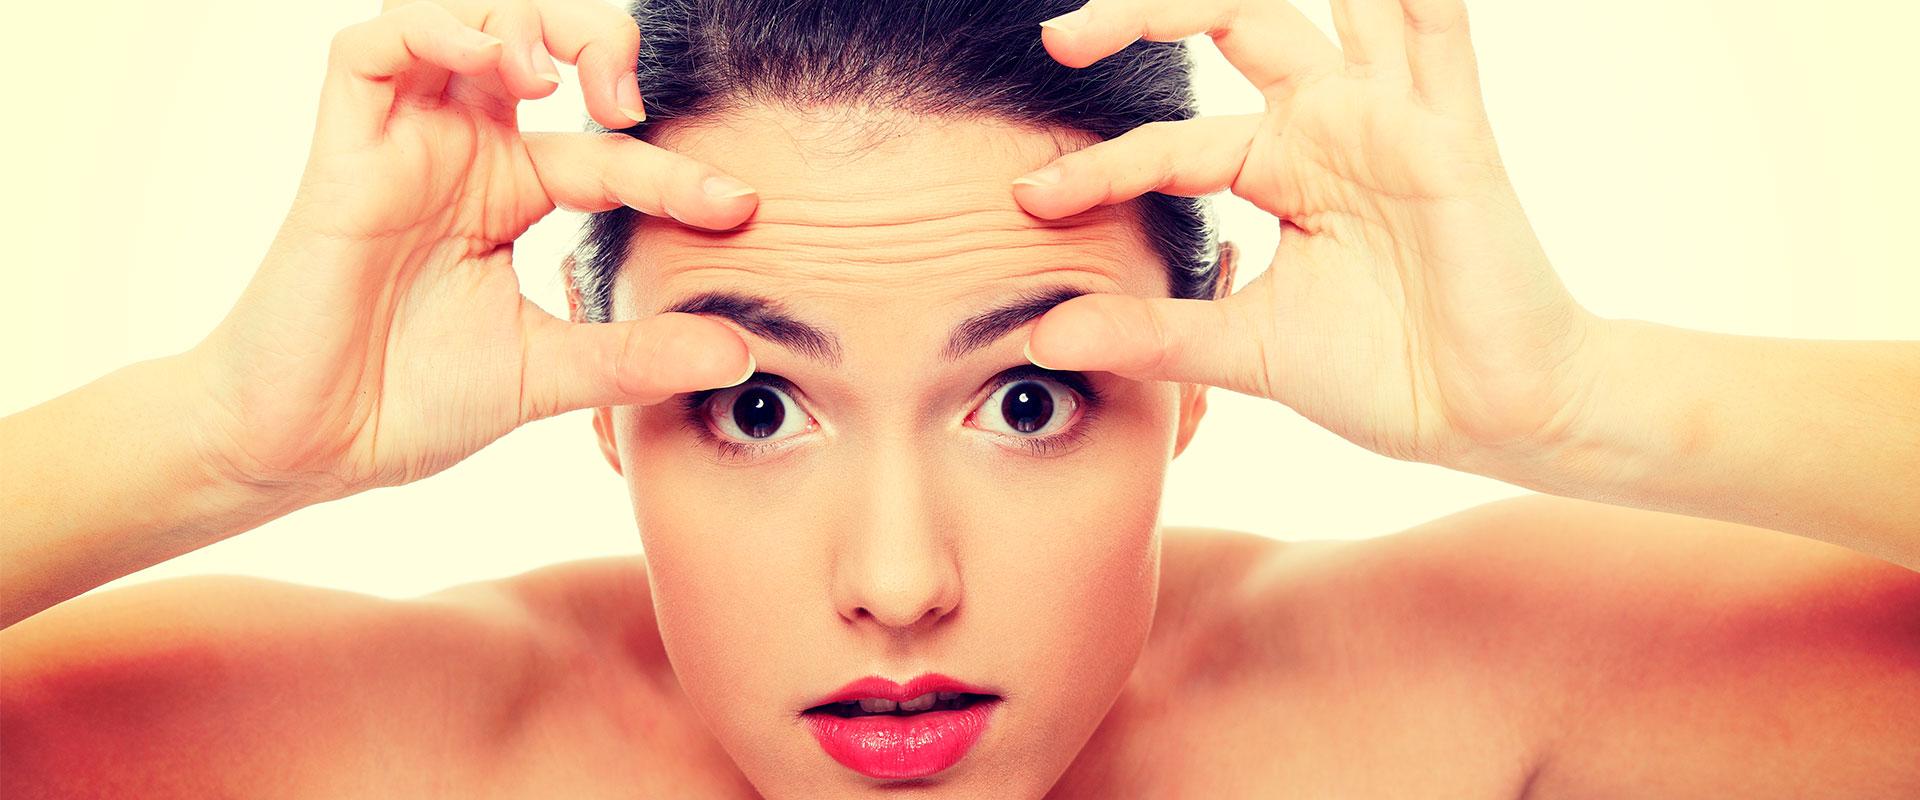 Mujer viéndose al espejo previniendo los signos de la edad con DermaWand.